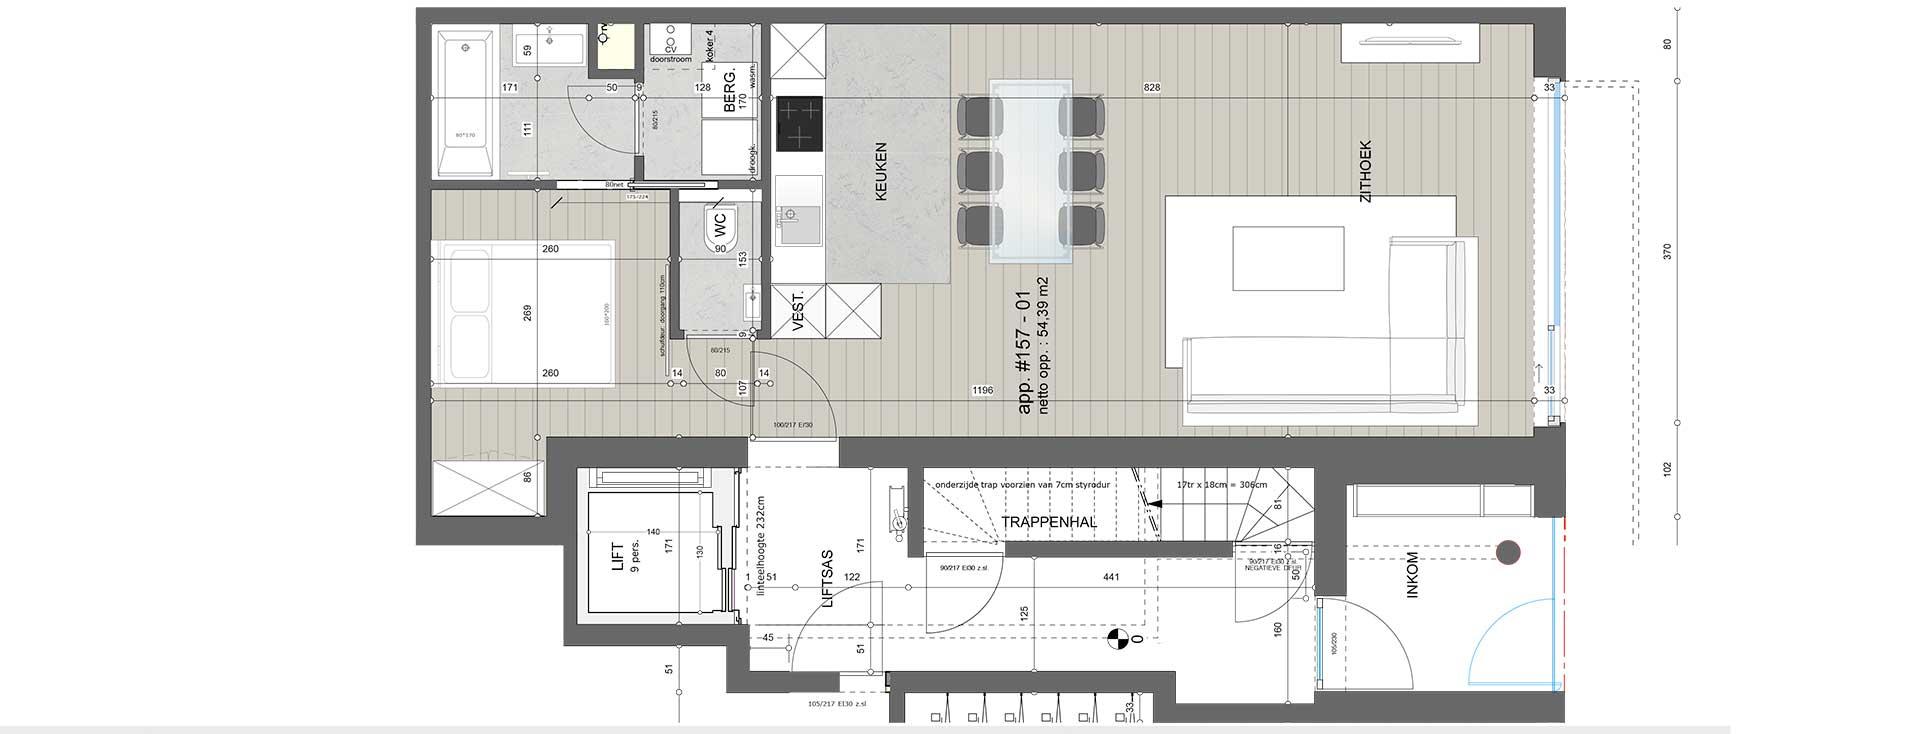 Residentie <br/> Fontana - image residentie-fontana-appartement-te-koop-knokke-plannen-157-01-1 on https://hoprom.be